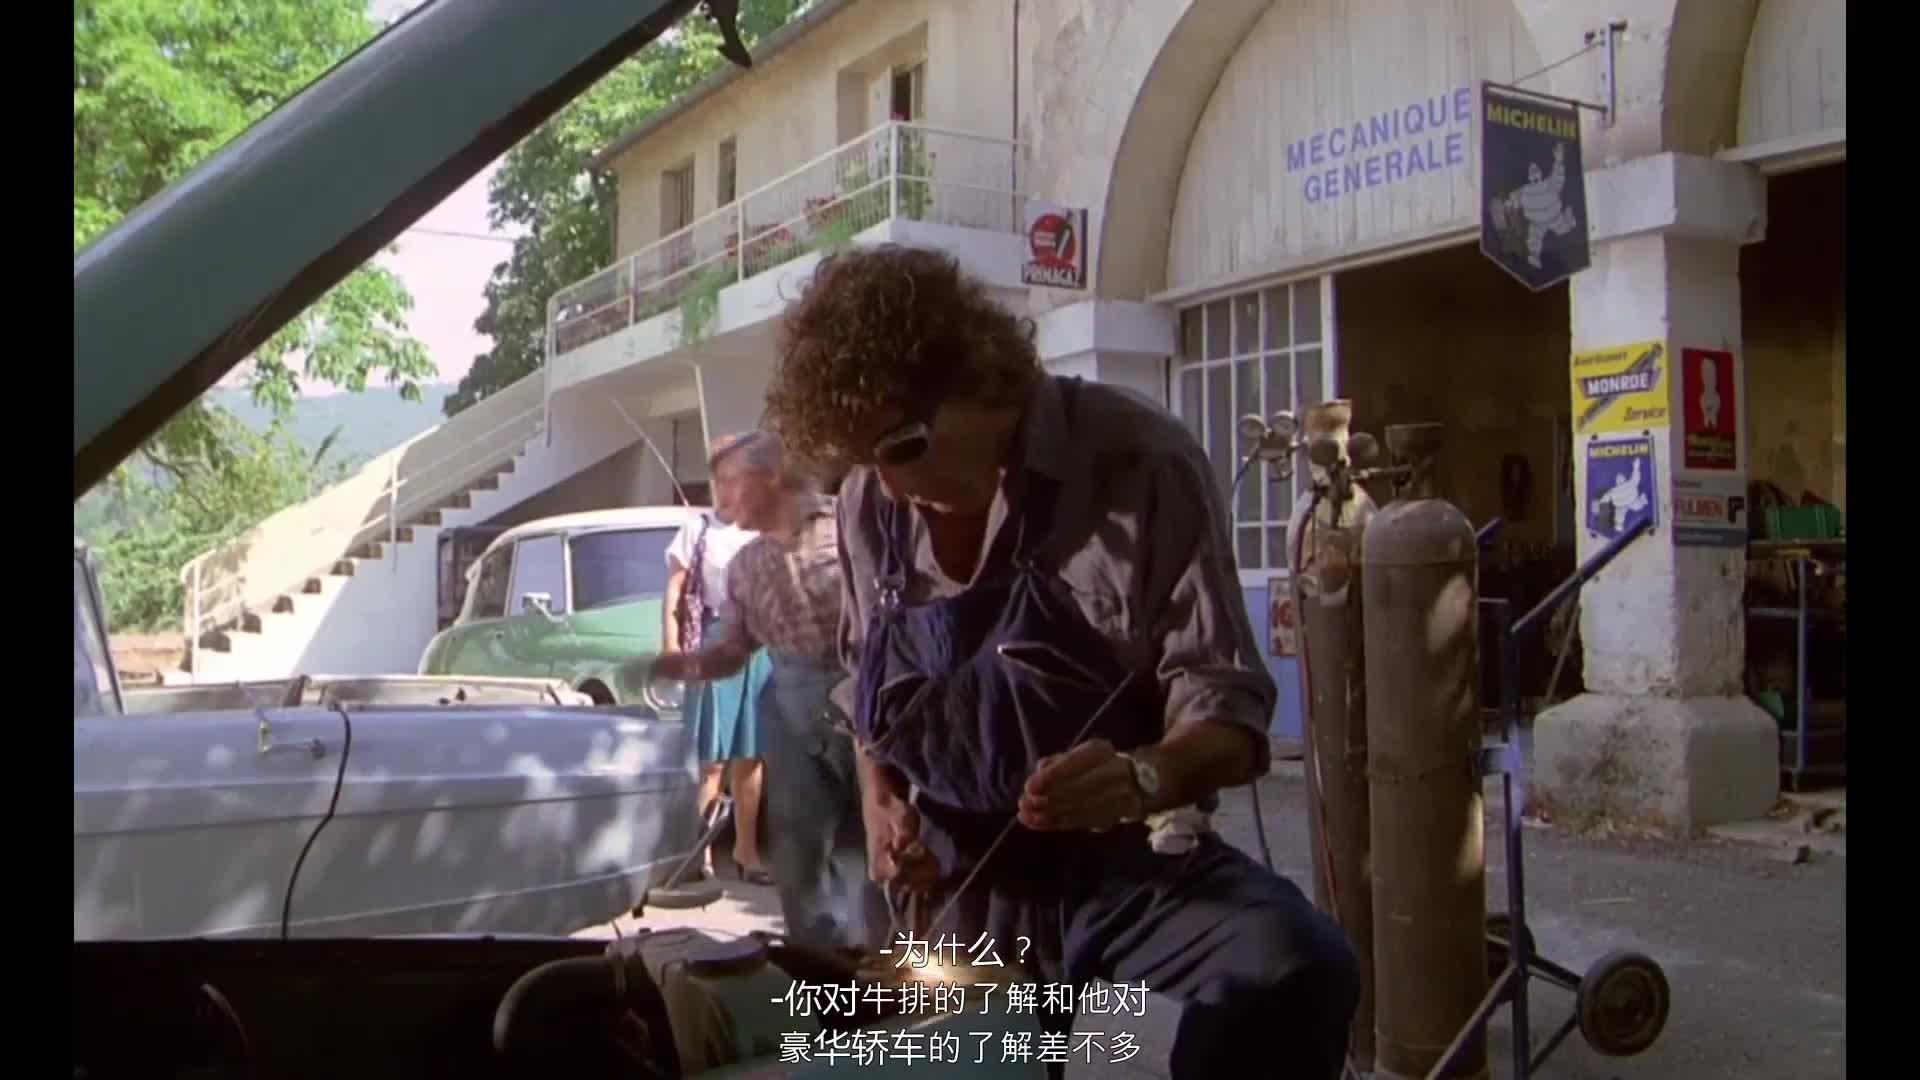 男子发动自己的破车,会去见谁